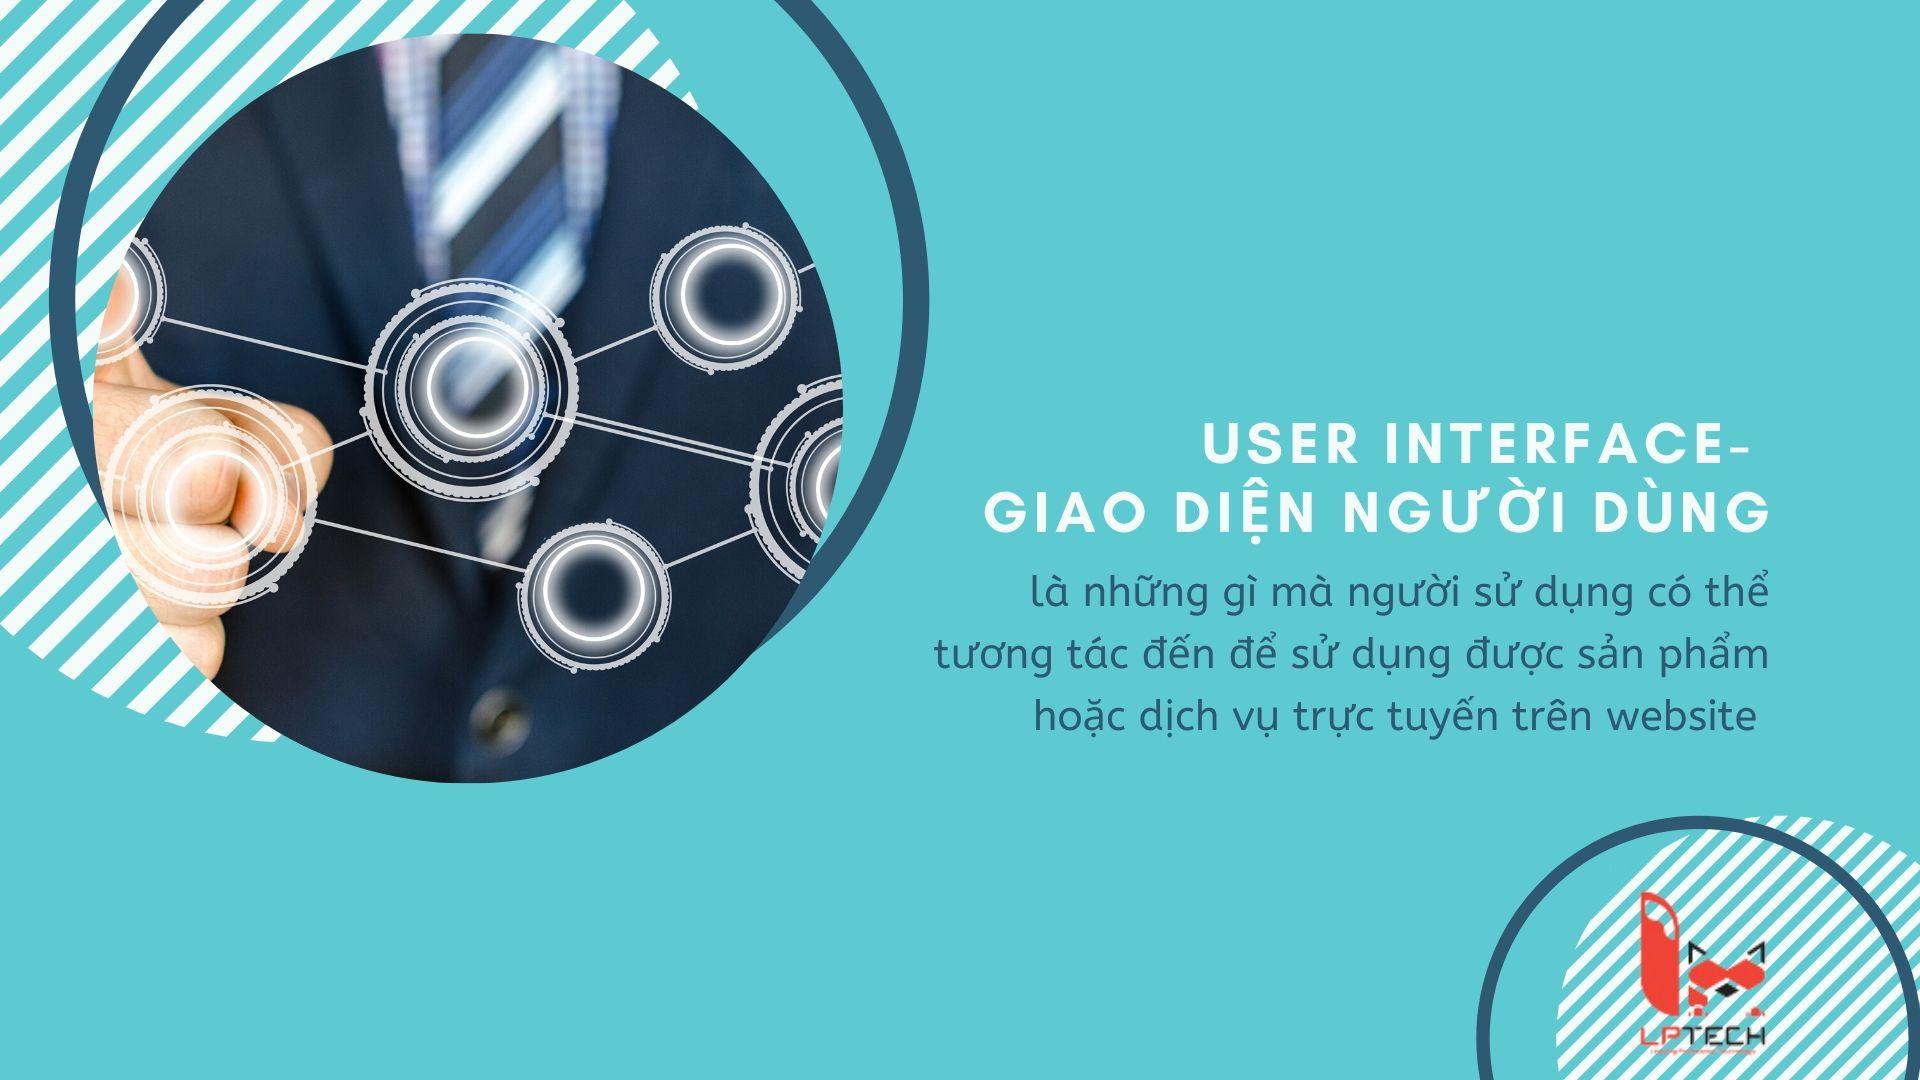 UI thiết kế giao diện người dùng cho website